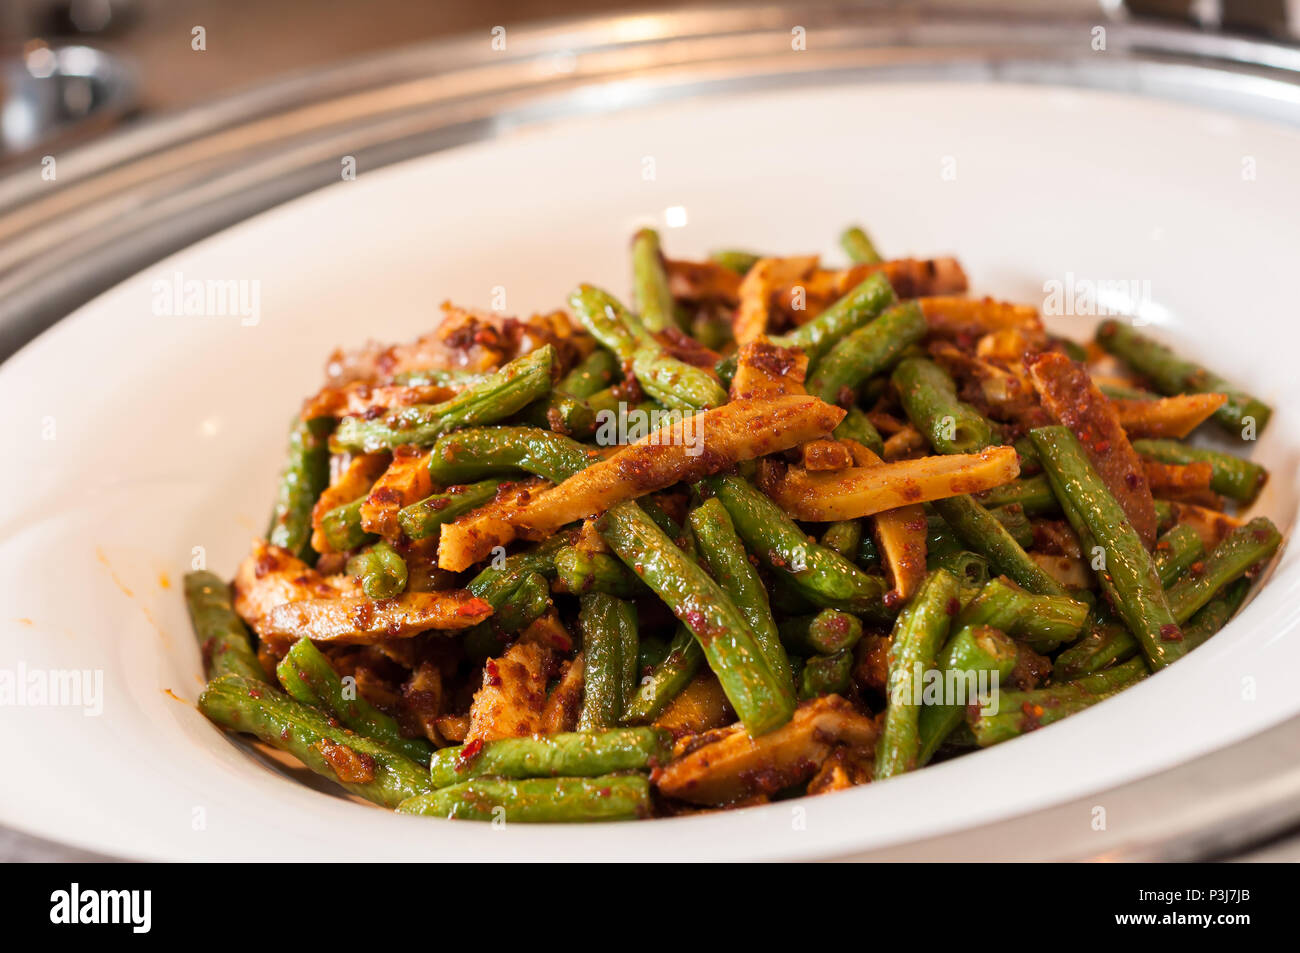 Trocken gebratene grüne Bohnen mit Hackfleisch und Gemüsekonserven ...